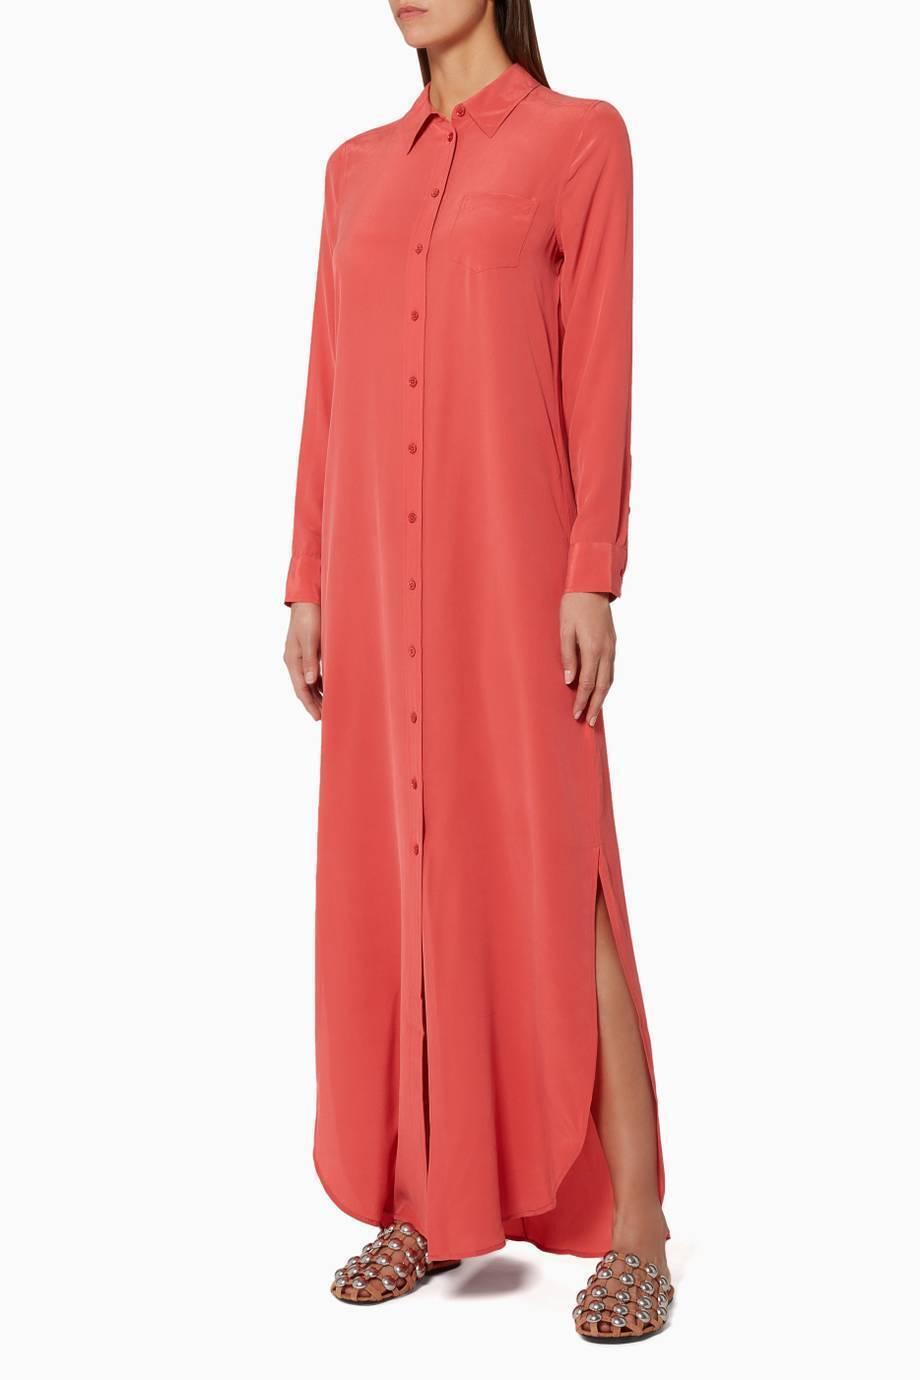 Maxi  vestido de camisa de seda EQUIPMENT Brett en Arándano Talla XS  en stock